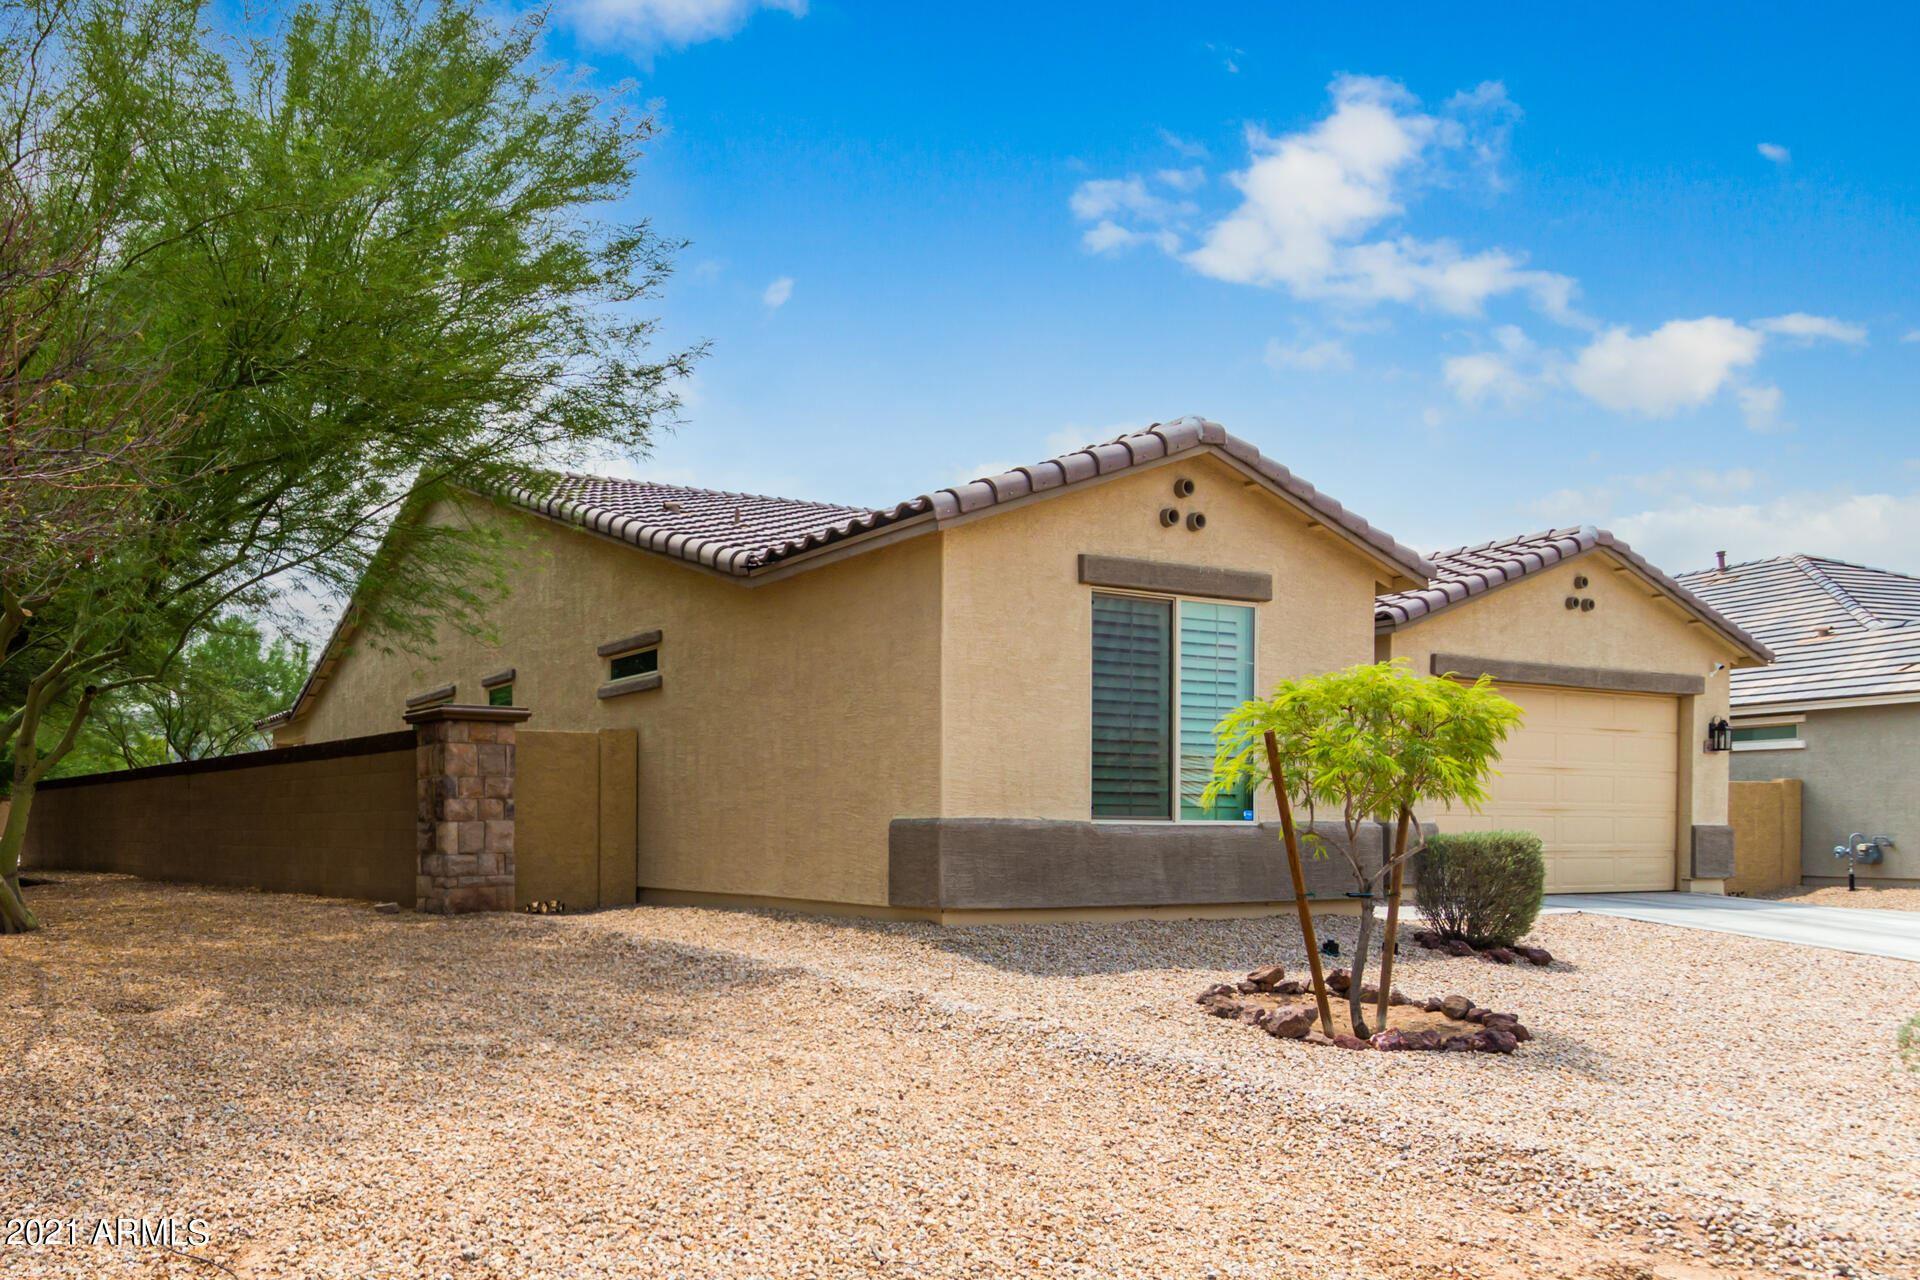 Photo of 4205 W MAGDALENA Lane, Laveen, AZ 85339 (MLS # 6271289)